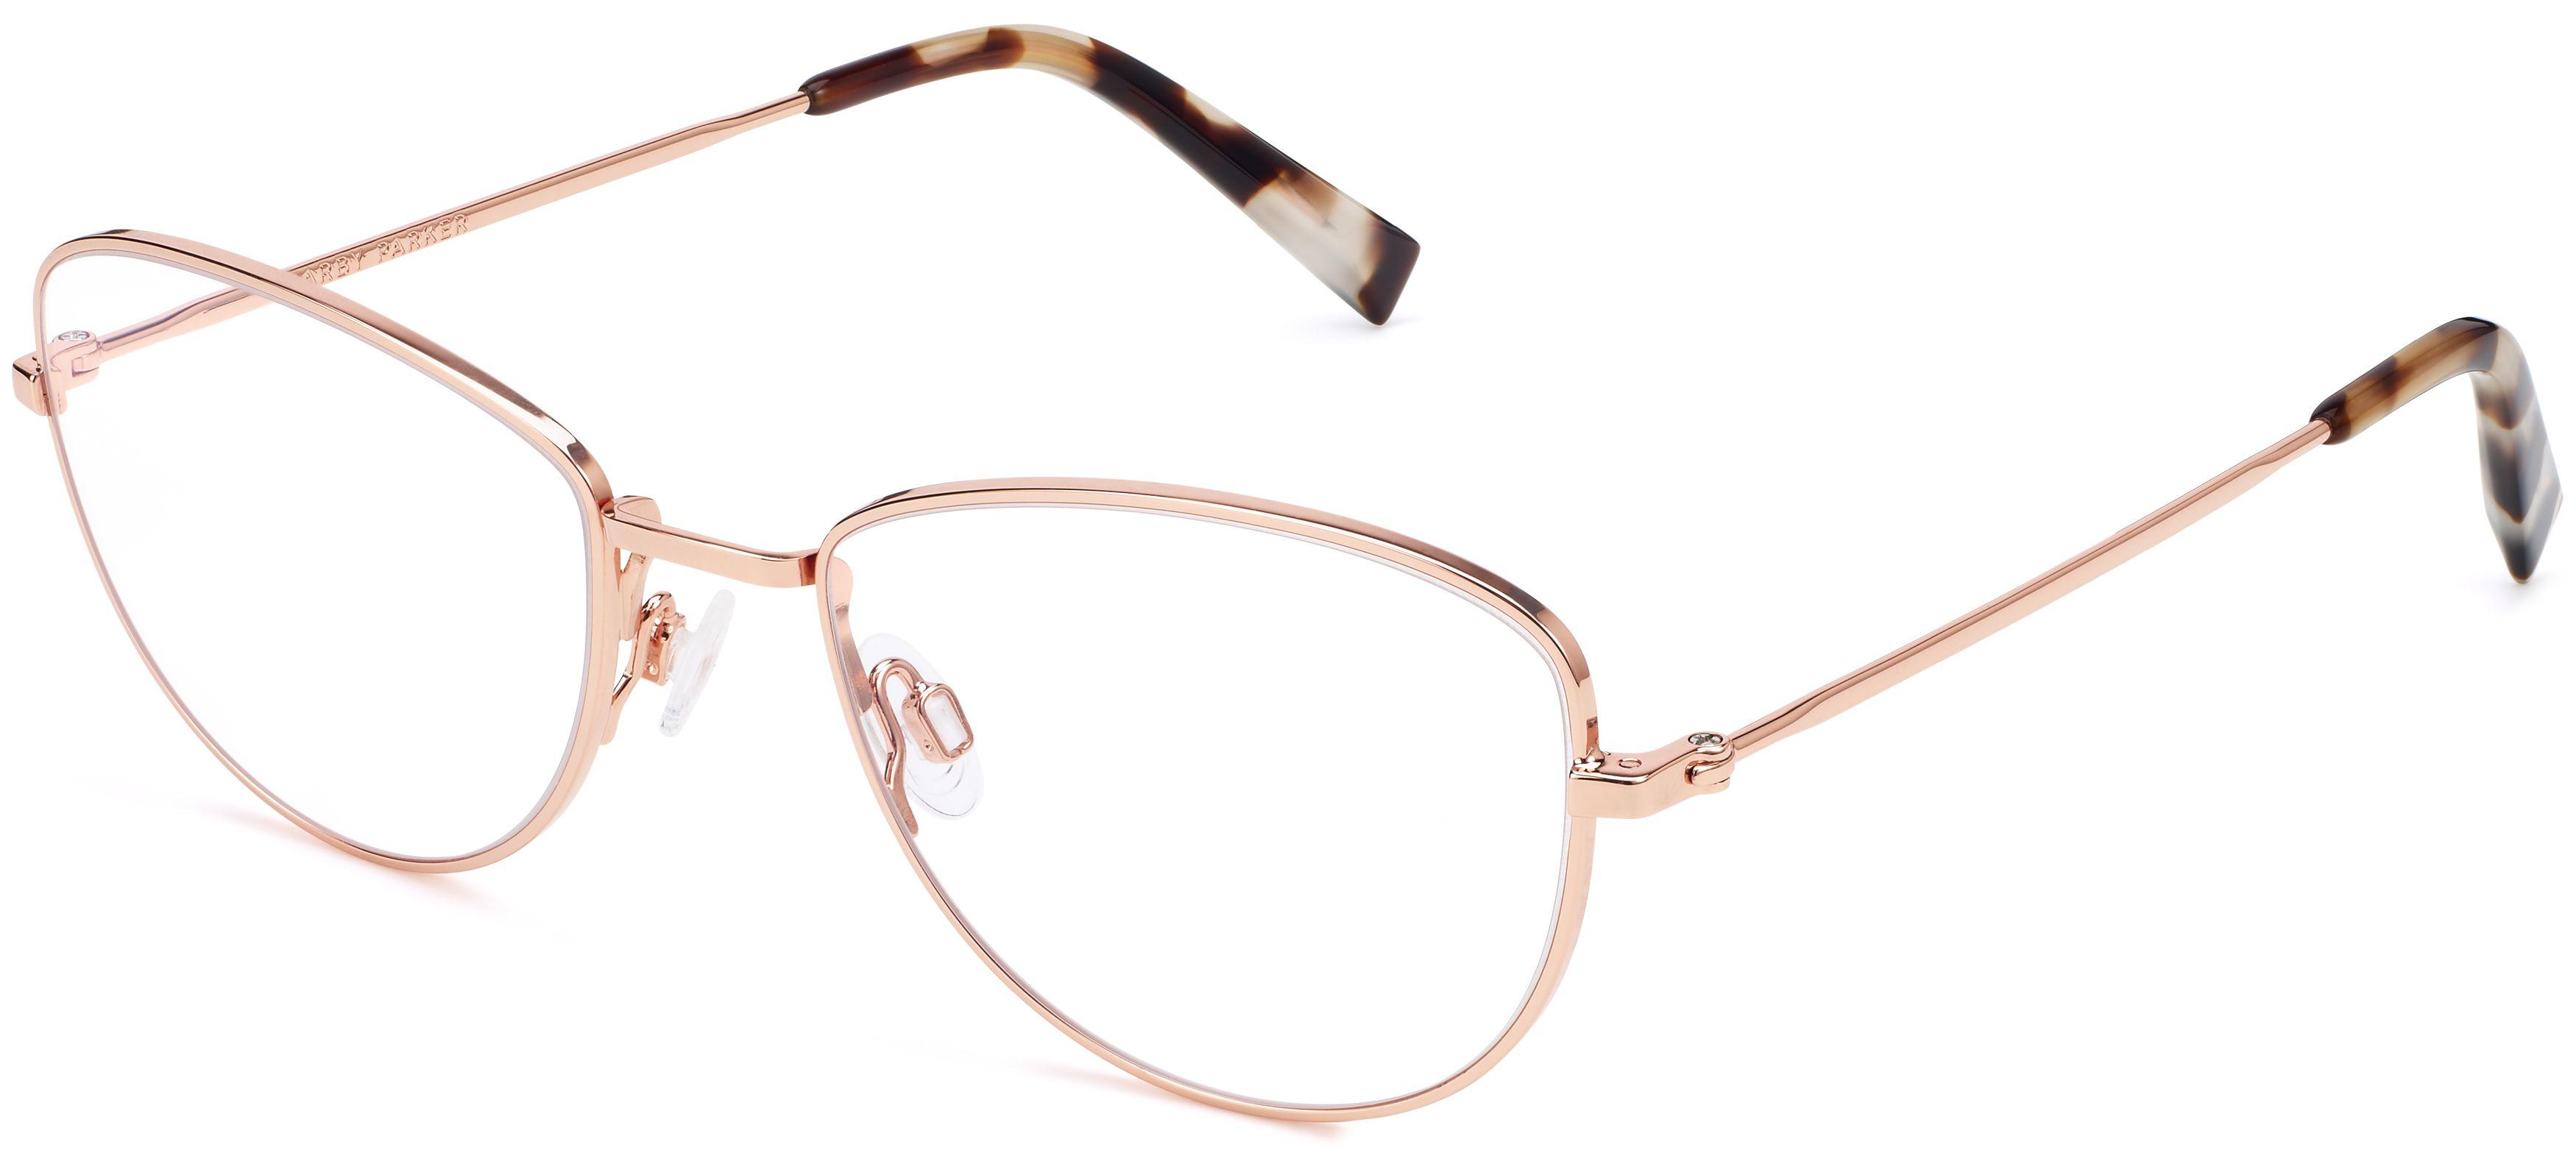 6df0923f2e56 Georgia Eyeglasses in Rose Gold for Women